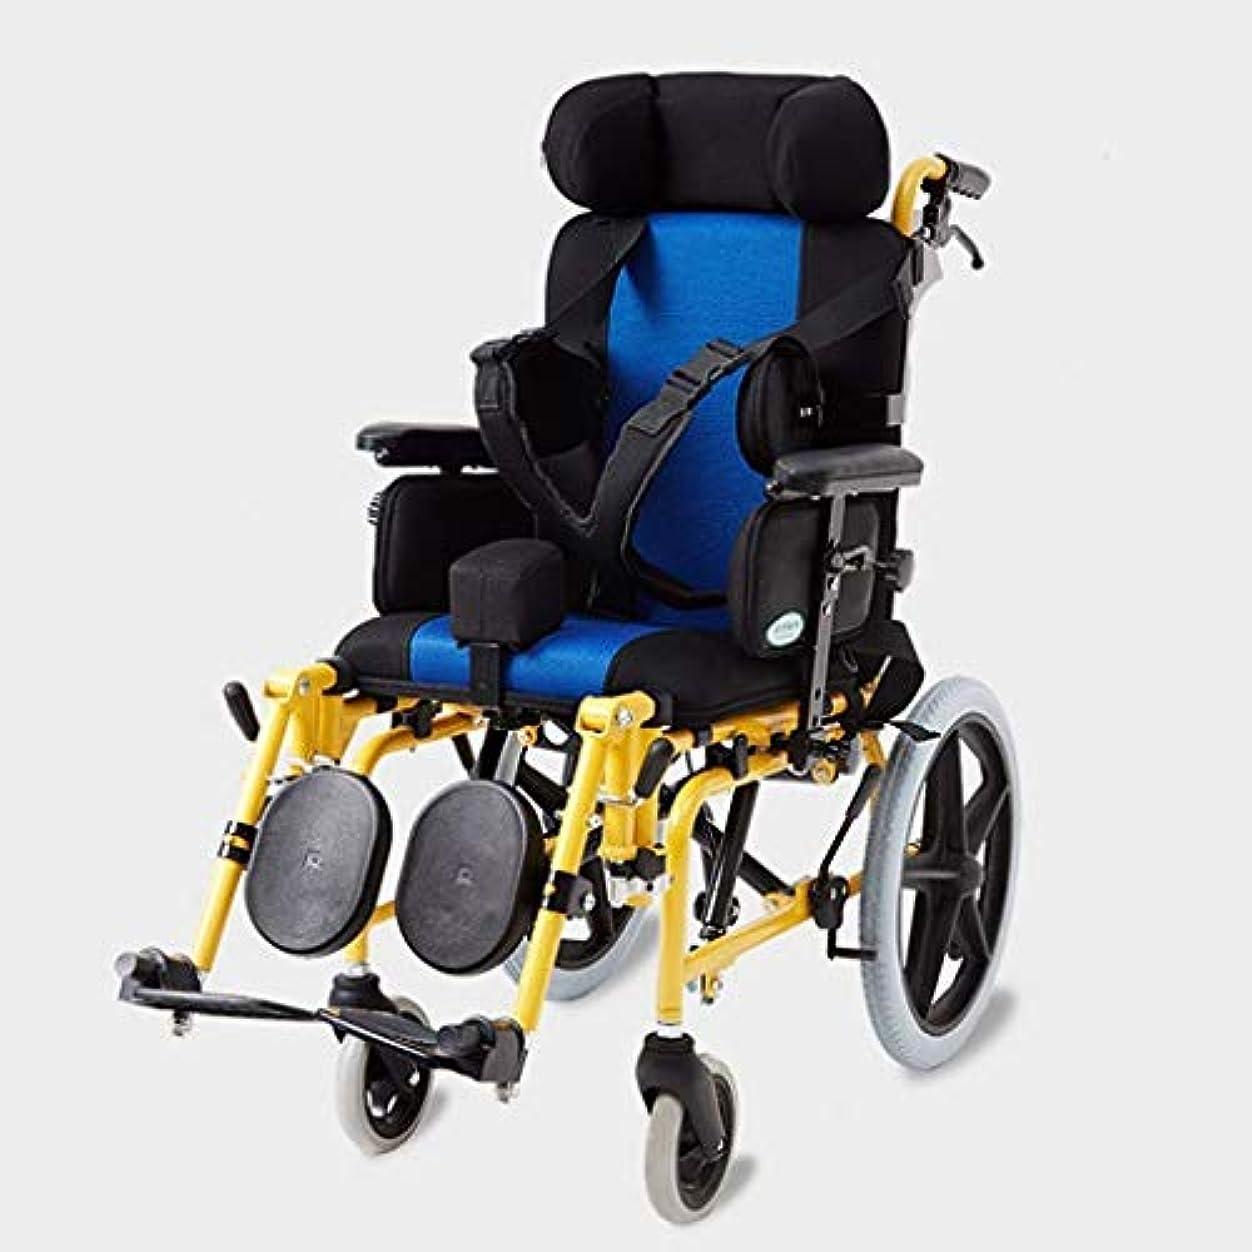 ボウリング不正確州車いす多機能フル?レイ/セミ横たわっデザイン、マニュアル脳性麻痺、子供、軽量折りたたみ交通旅行自走式ウォーカー